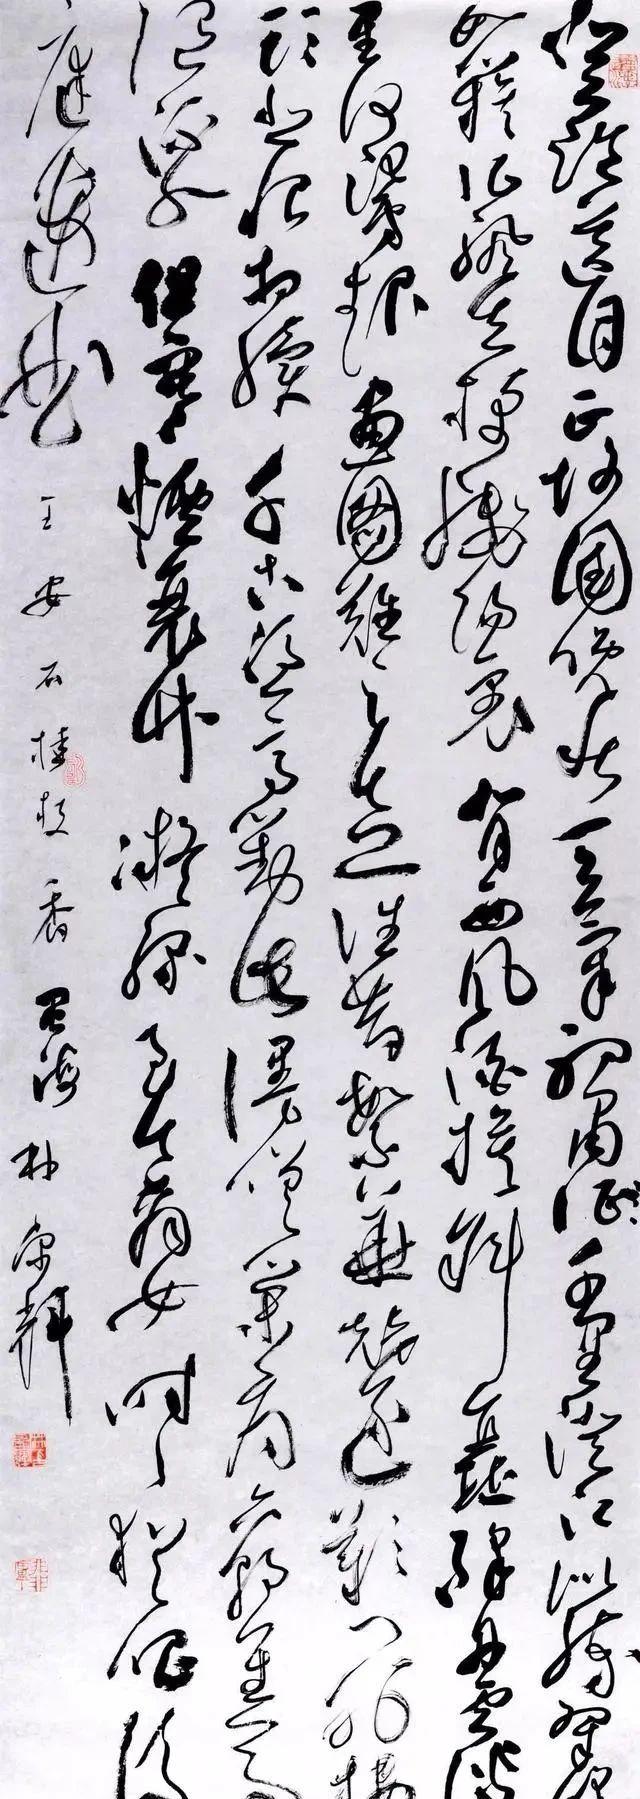 他的草书使转灵动,气象万千,摘得第七届中国书法兰亭奖银奖